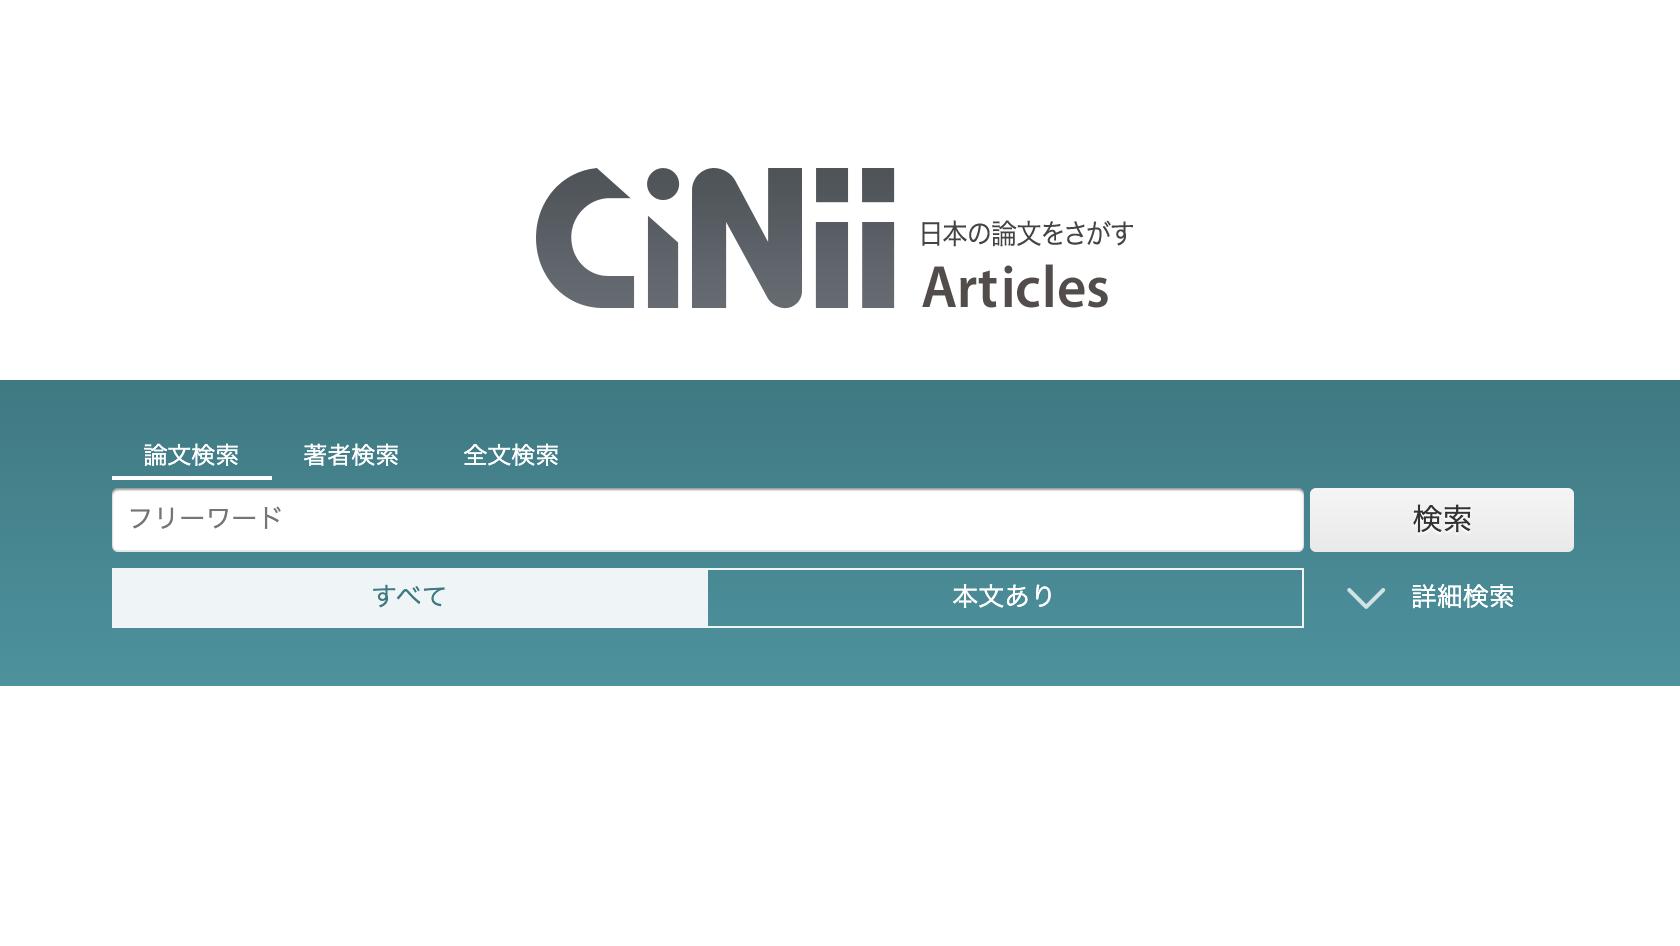 CiNii(国立情報学研究所)